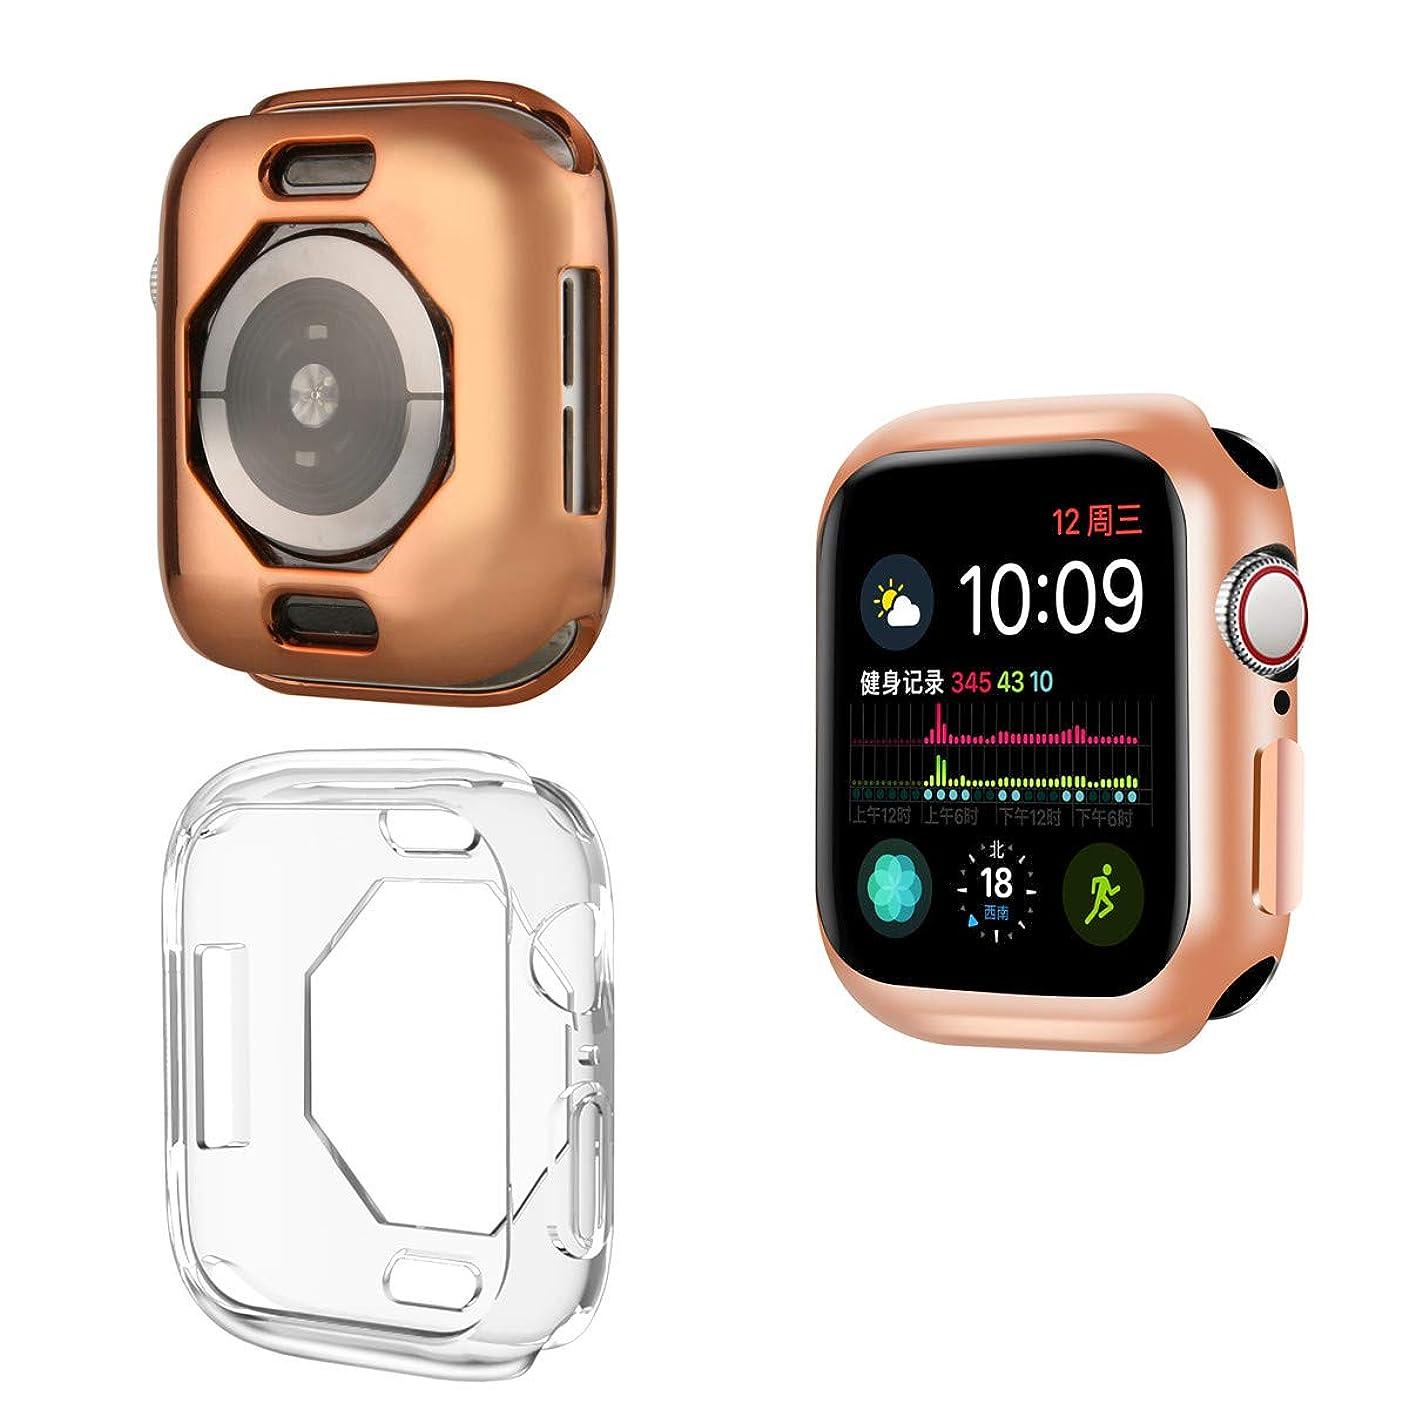 適用済み威するブリーフケース[ 2枚入り ] Compatible With Apple Watch Series 4 40mm / 44mm TPU Case めっき色ケース, [ 落 冲 撃 ] ] [ TPU ケース ] ラギッド?アーマー アップルウォッチ シリー ズーズ 4 対応 (Series4 40mm, ローズゴールド+透明な色)